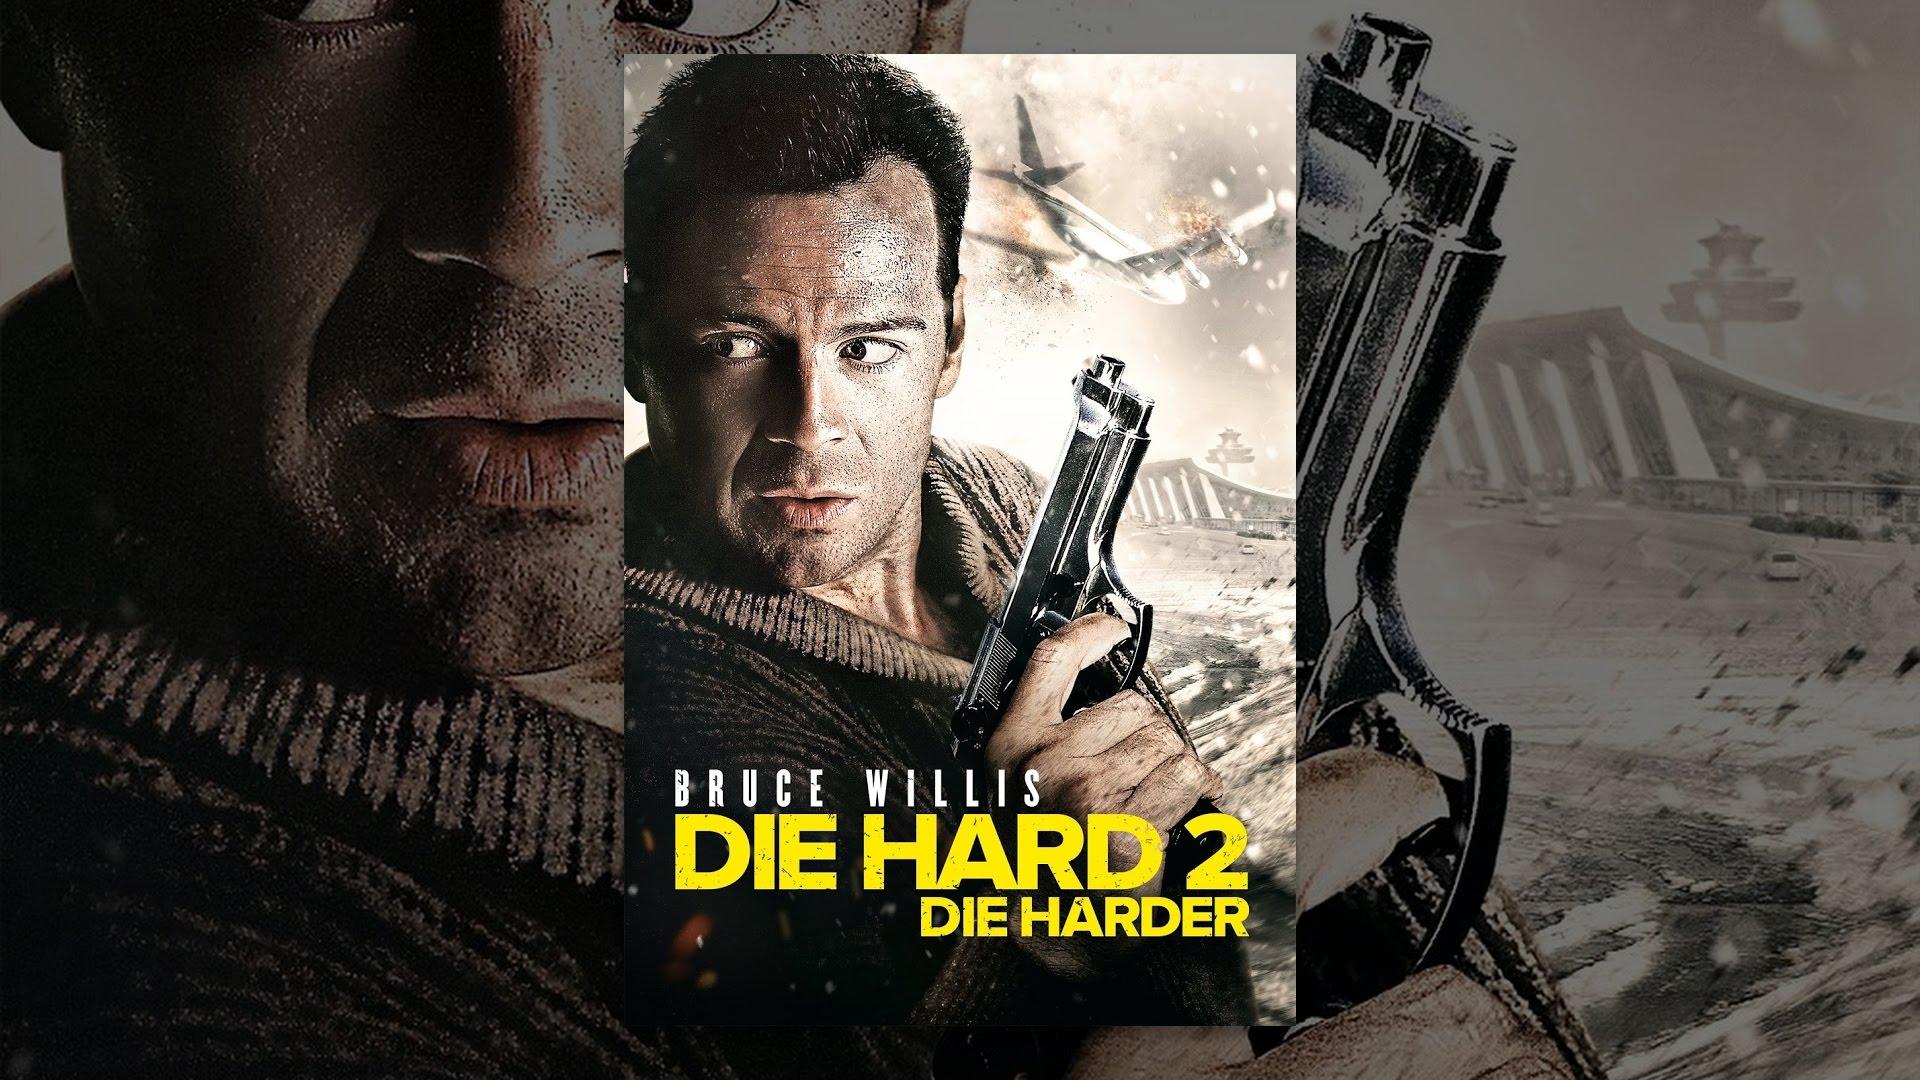 Die Hard 2: Die Harder Trailer